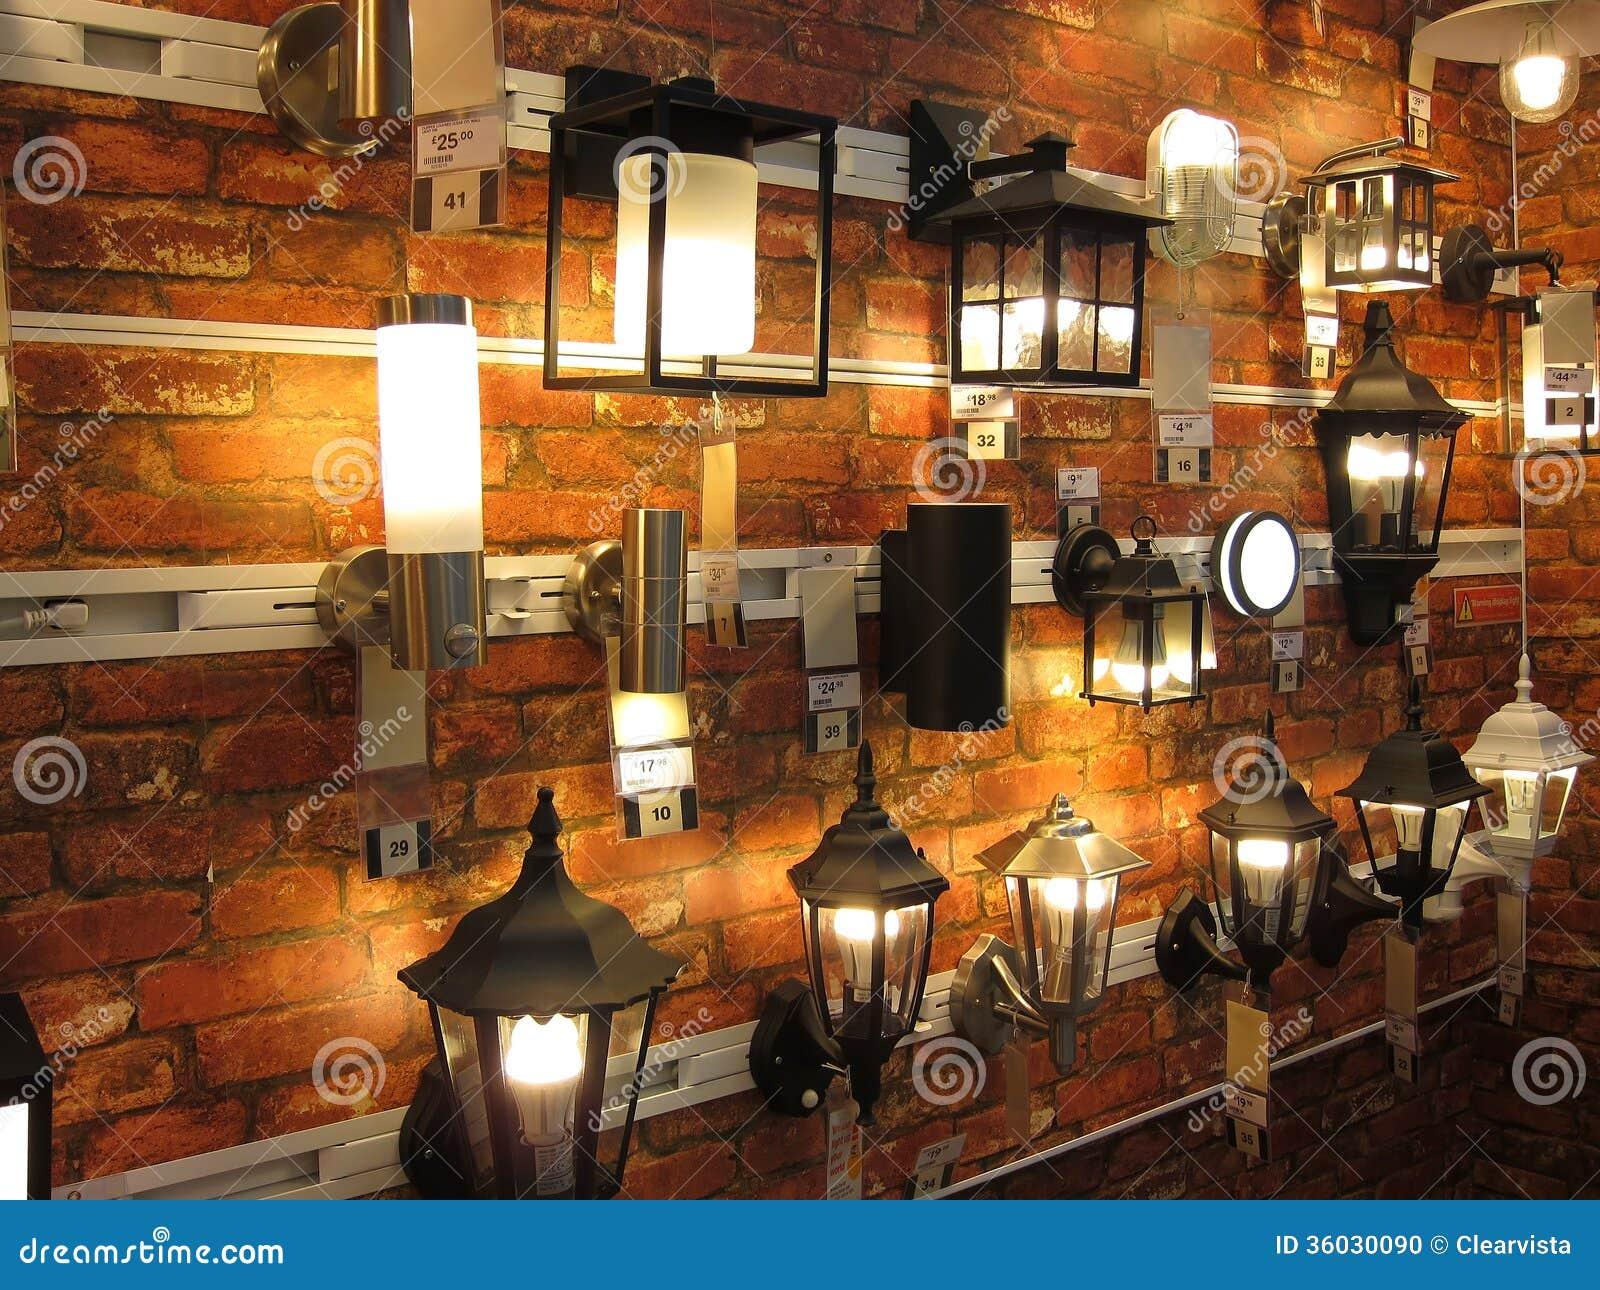 Эклектичный дисплей лампы стены в магазине освещения.